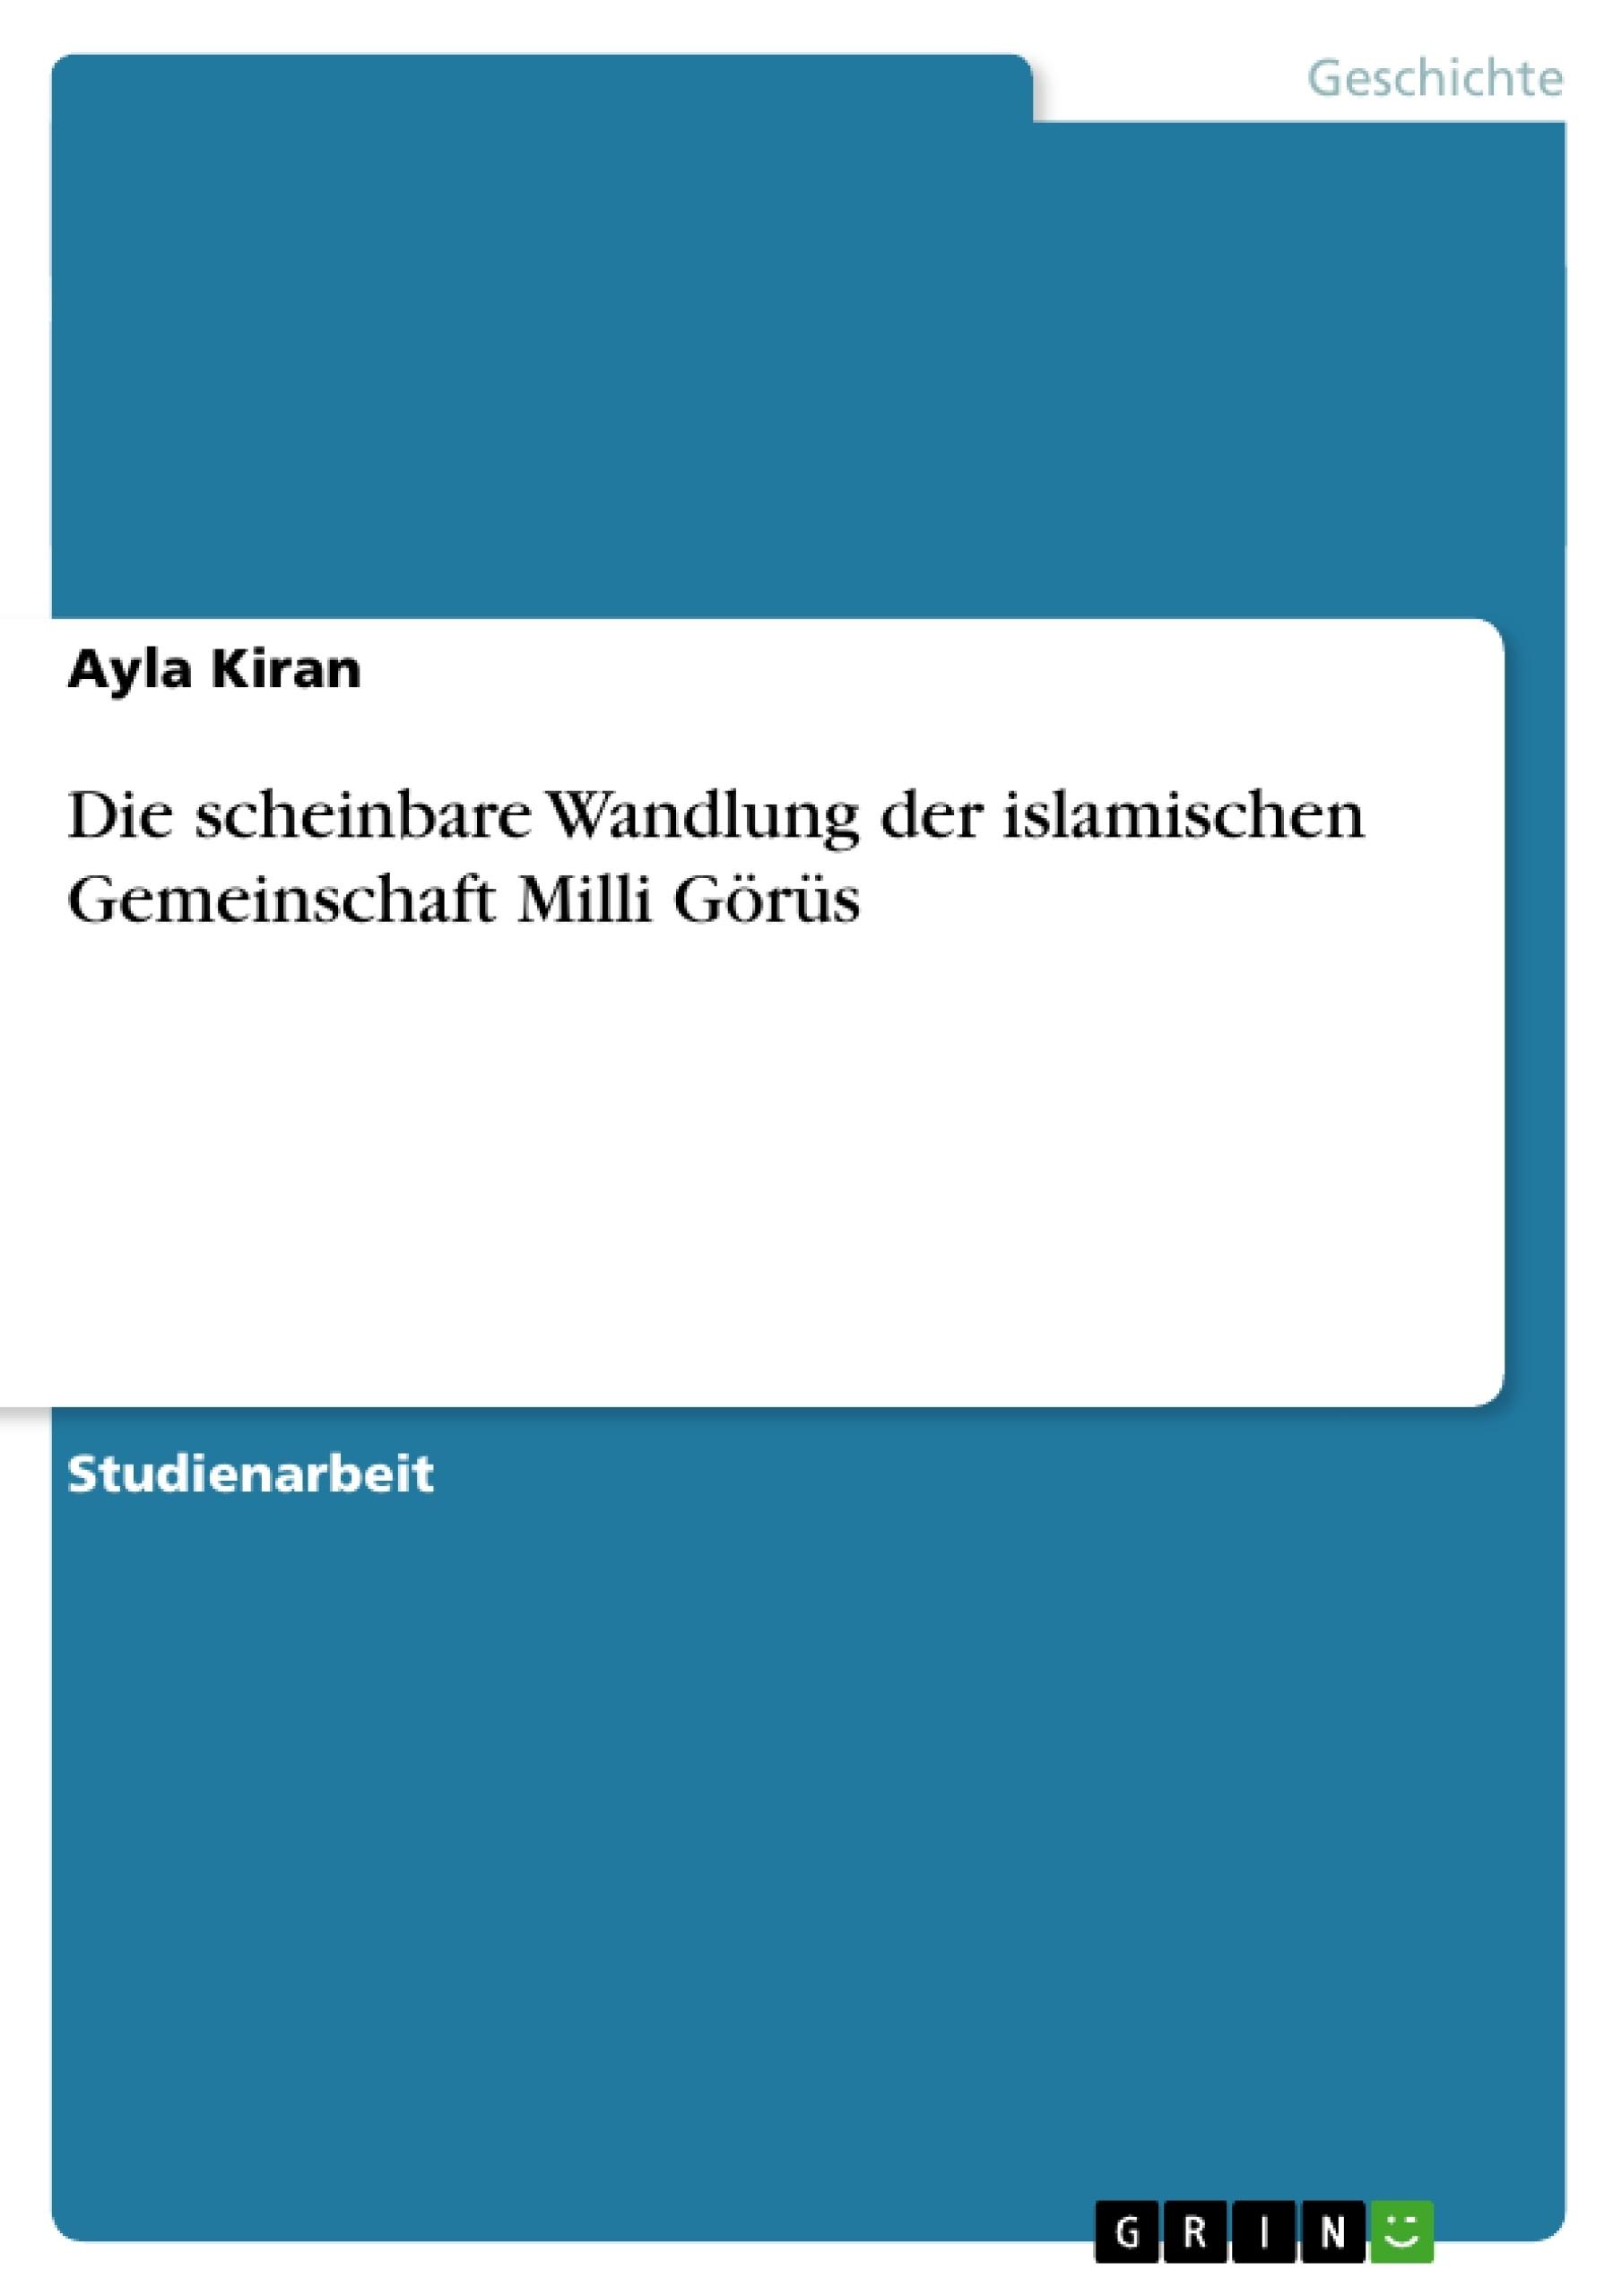 Titel: Die scheinbare Wandlung der islamischen Gemeinschaft Milli Görüs